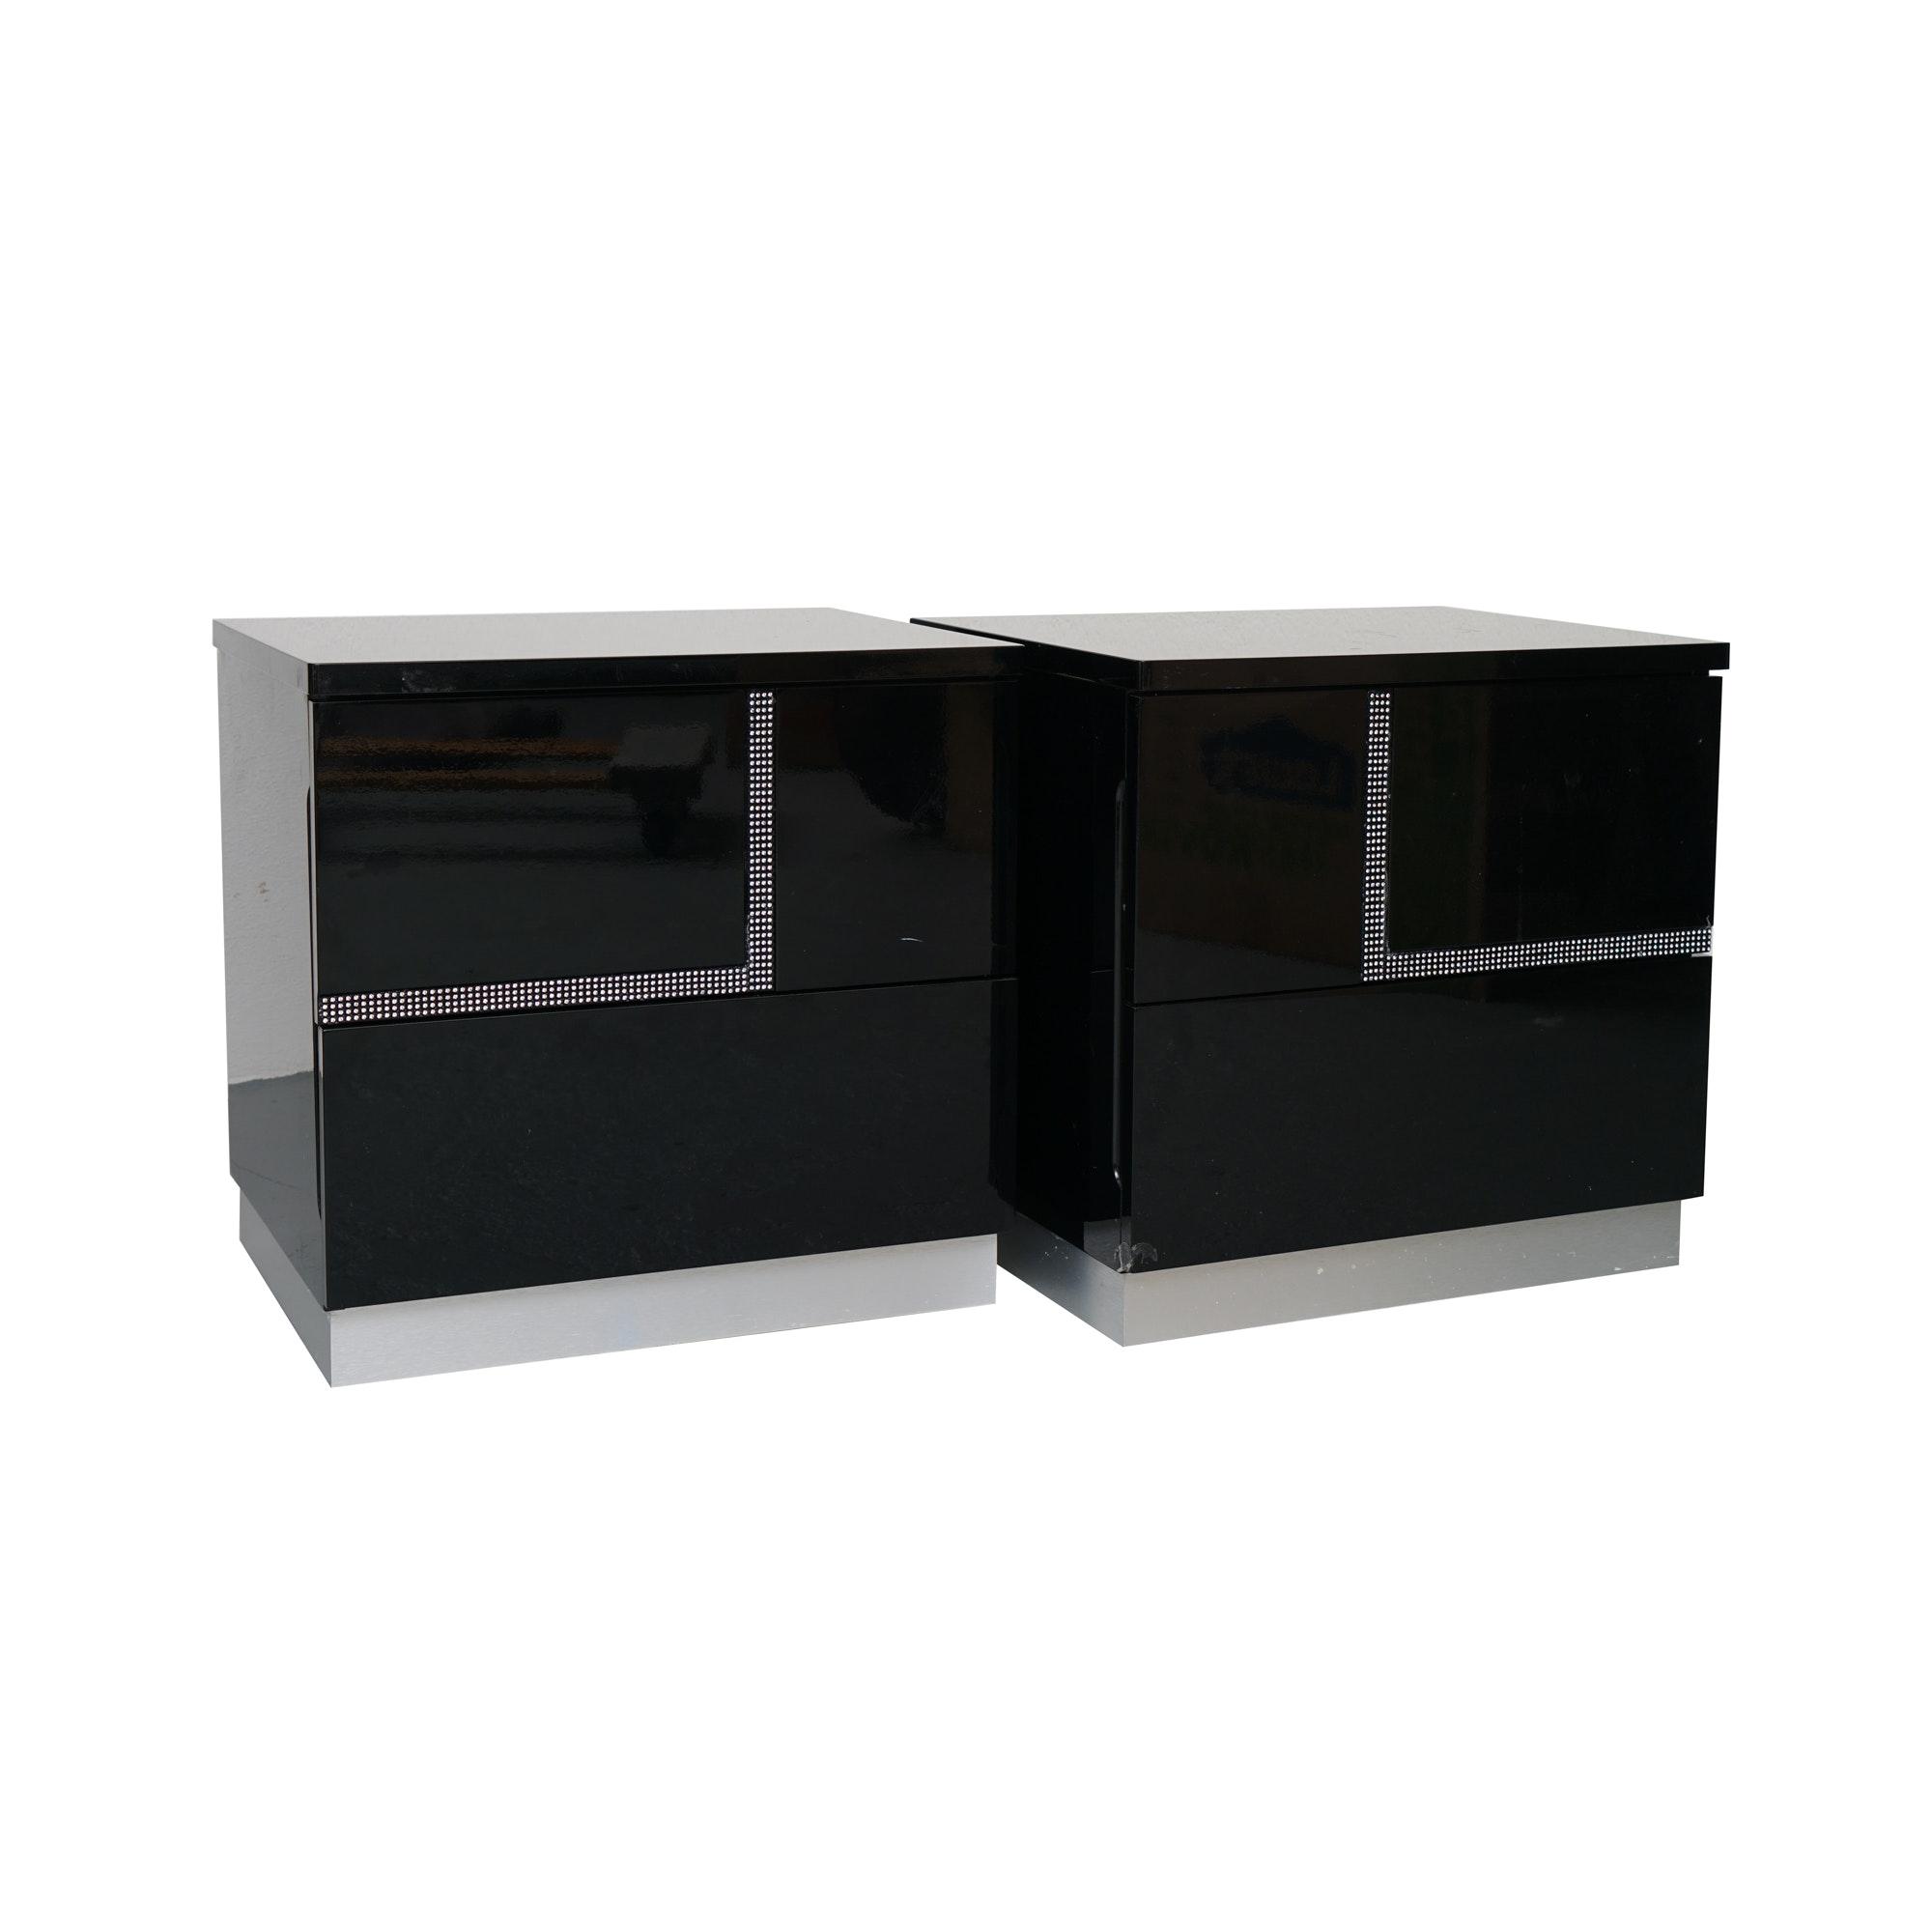 Pair of Black Deco Revival Nightstands